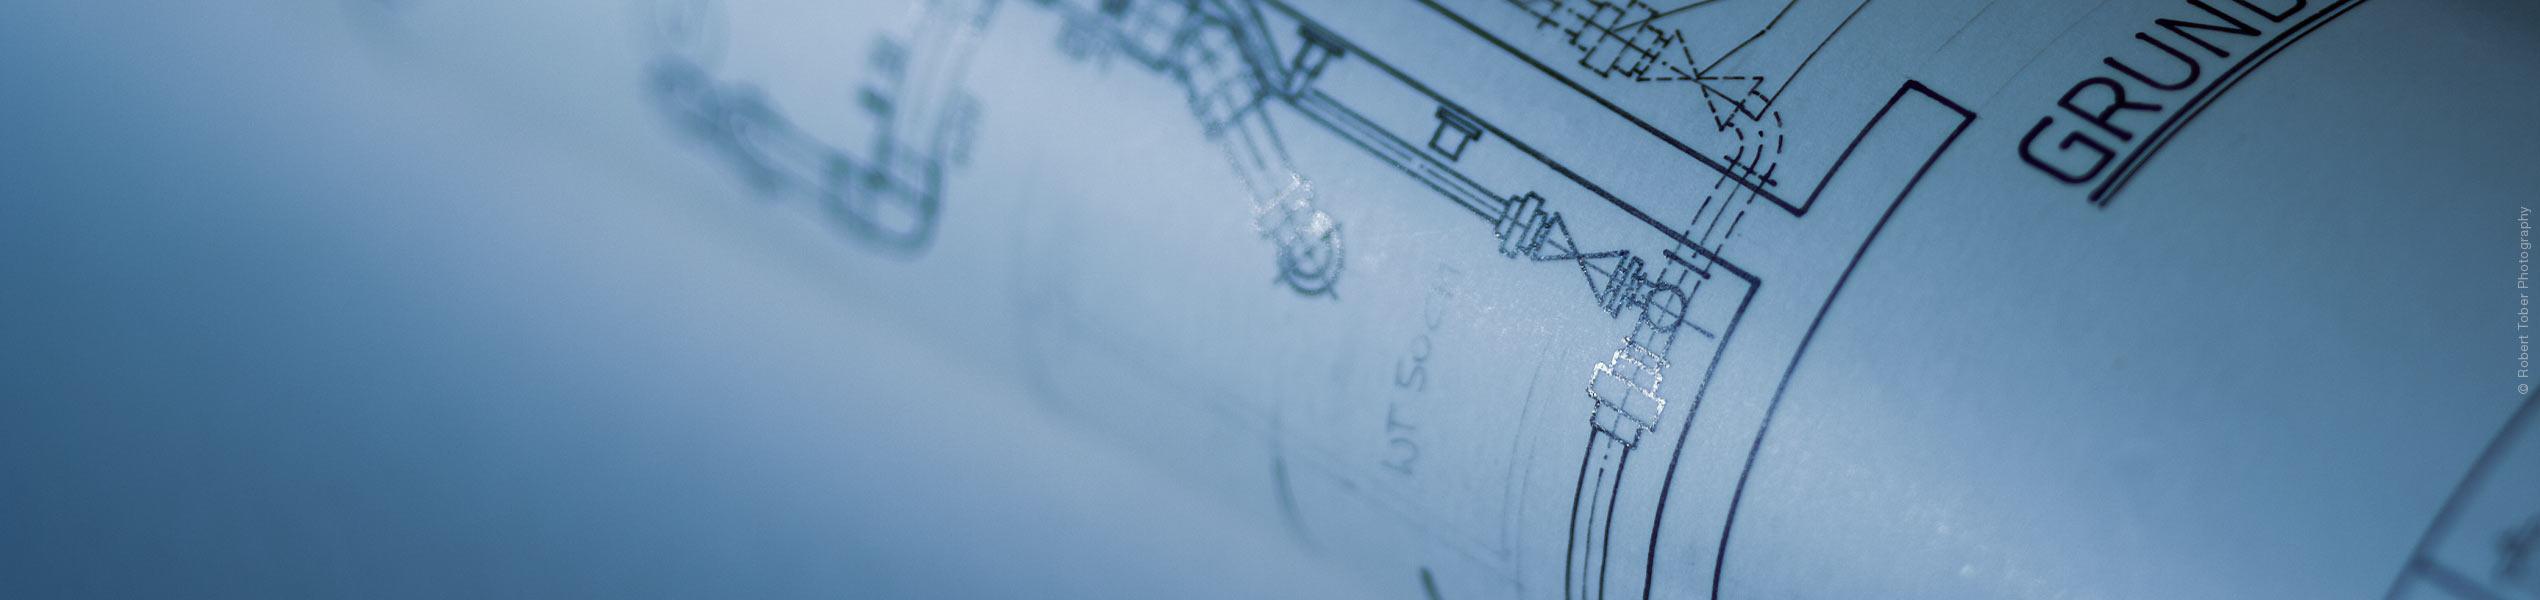 Ausführungsplanung für Installationsunternehmen und Erstellung von Materialauszügen